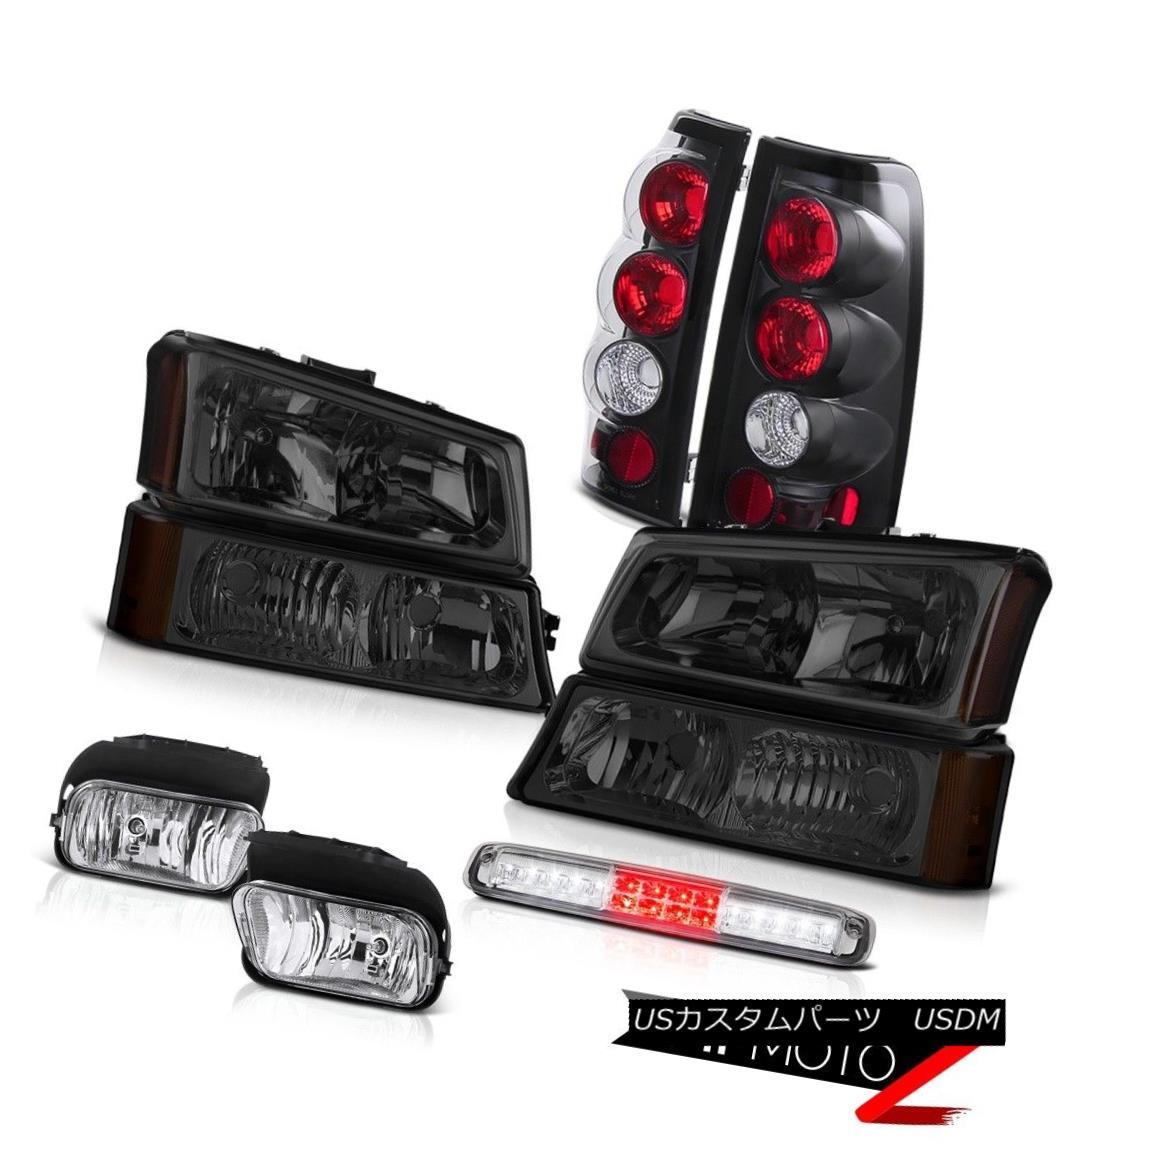 テールライト 03-06 Silverado Foglights Parking Lamp 3RD Brake Headlights Taillamps LED Euro 03-06 Silveradoフォグライトパーキングランプ3RDブレーキヘッドライトテールランプLED